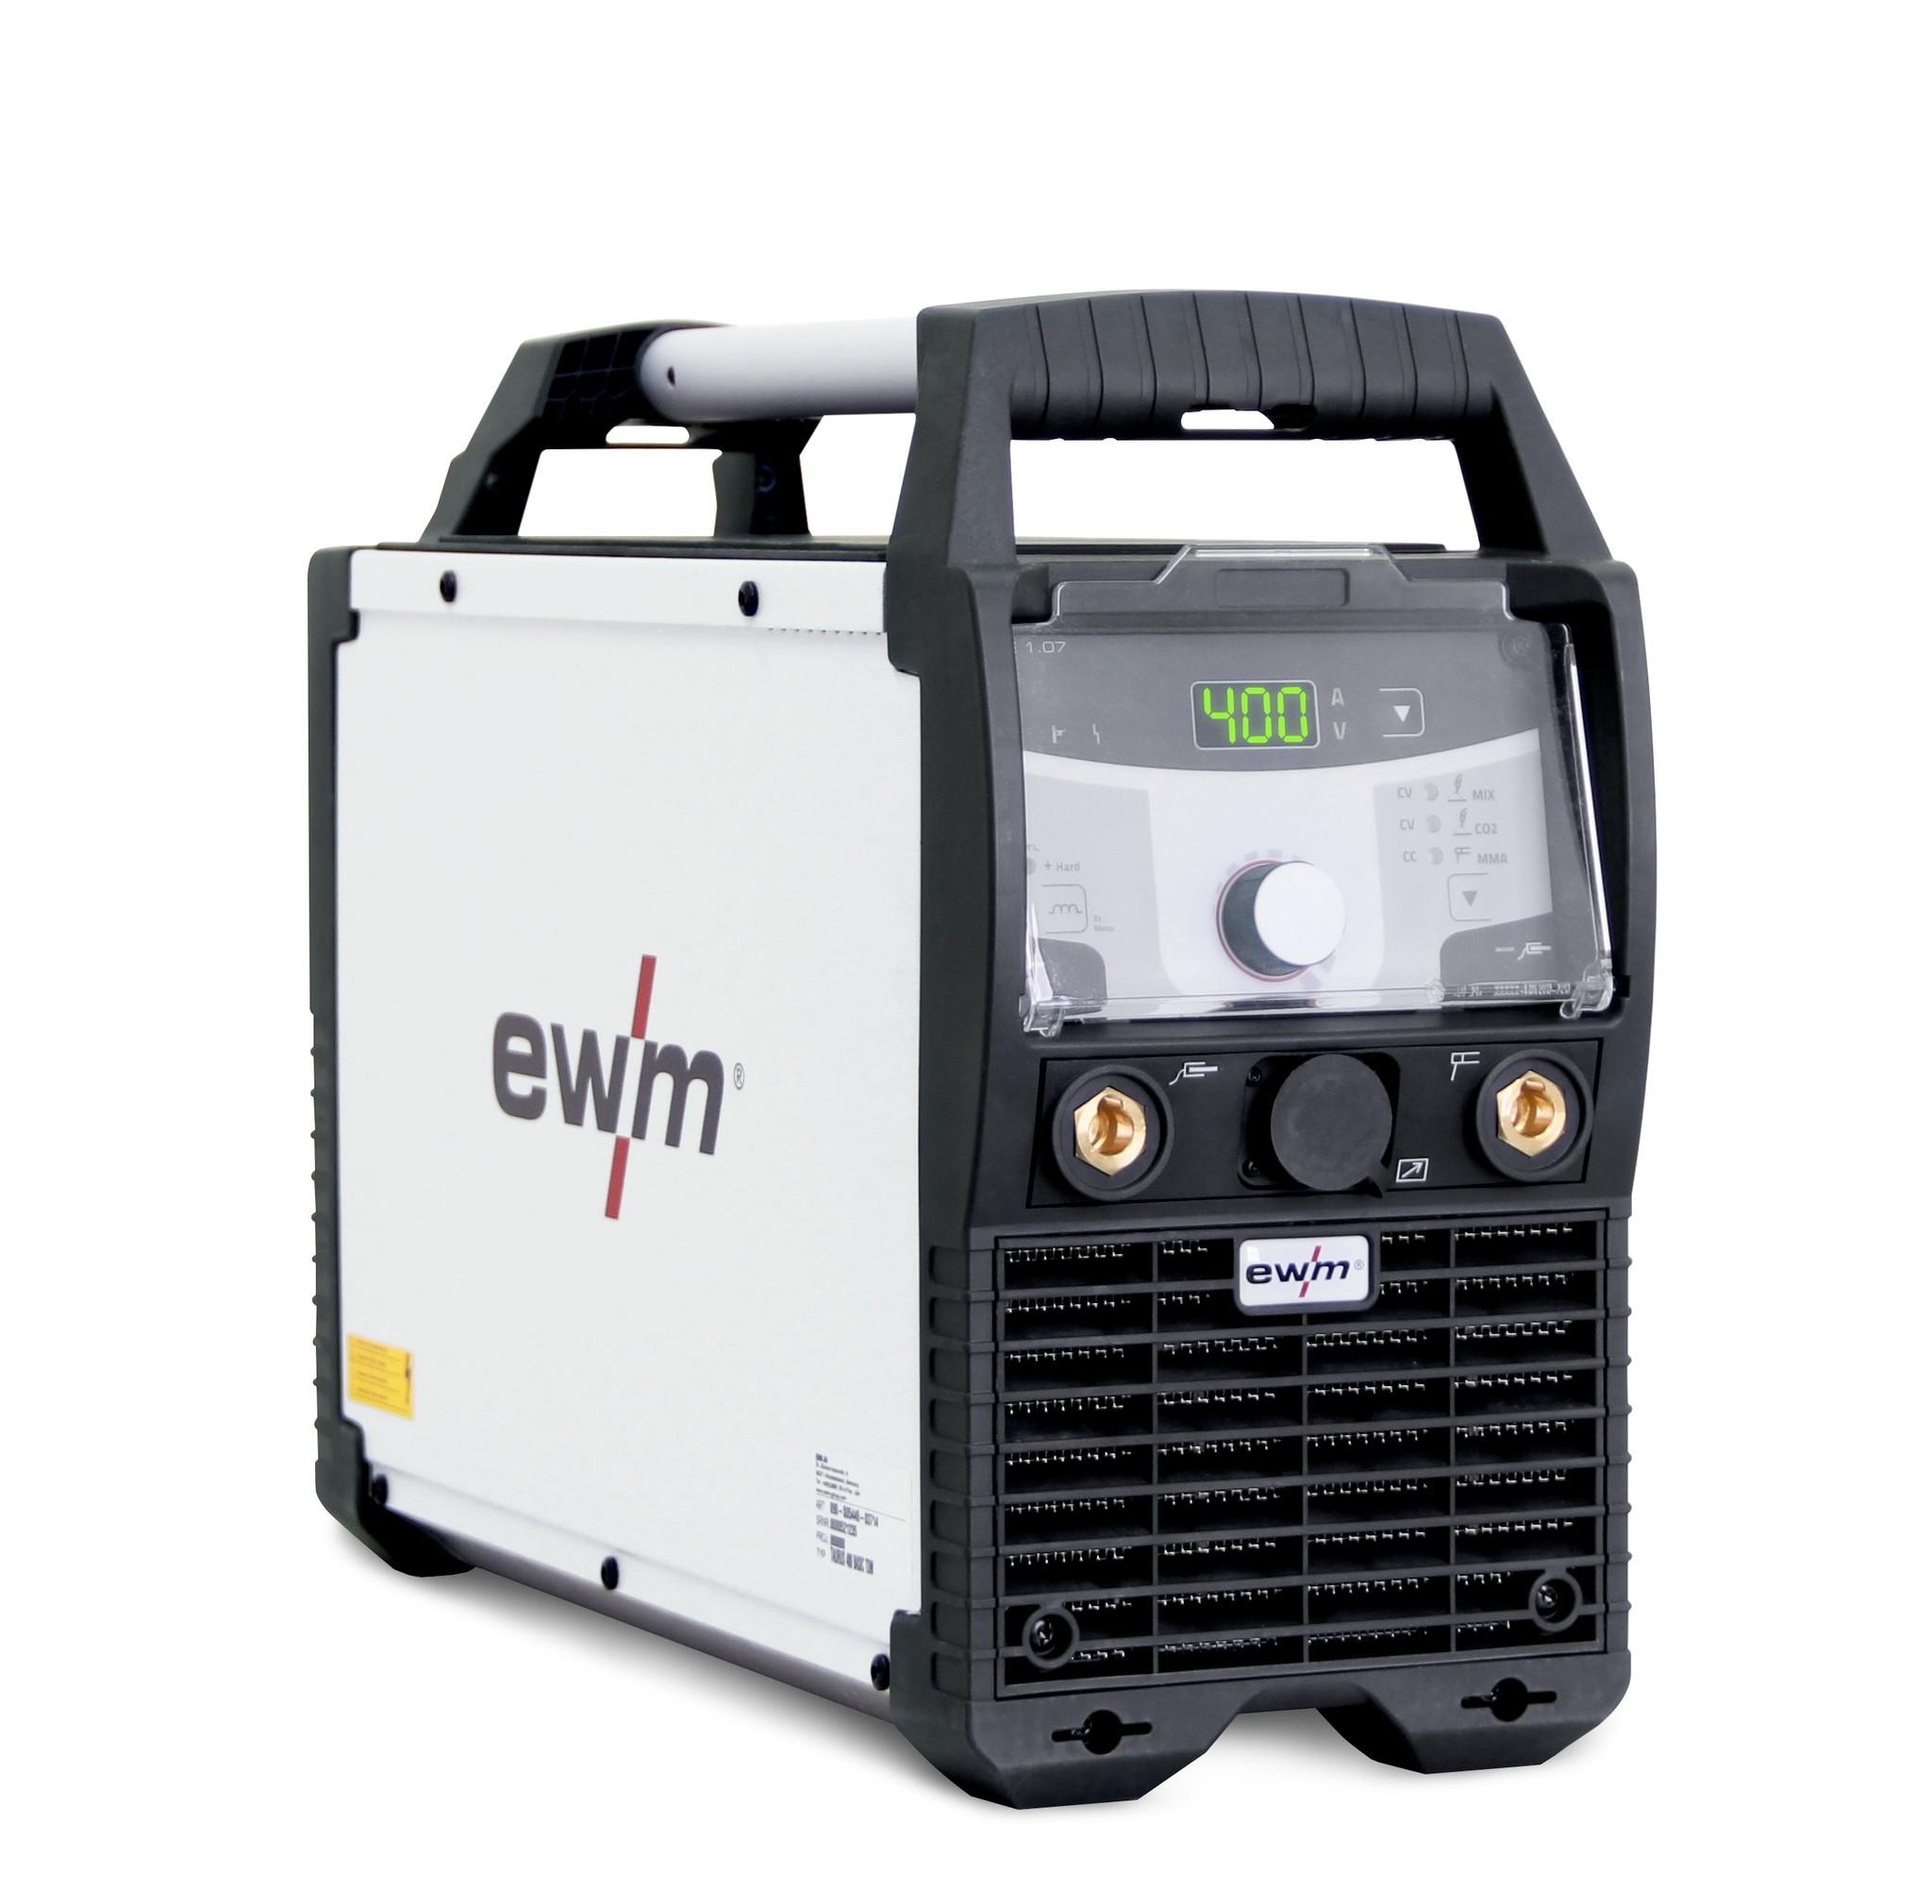 Keevitusaparaat TAURUS 400 Basic EWM 090-005446-00502